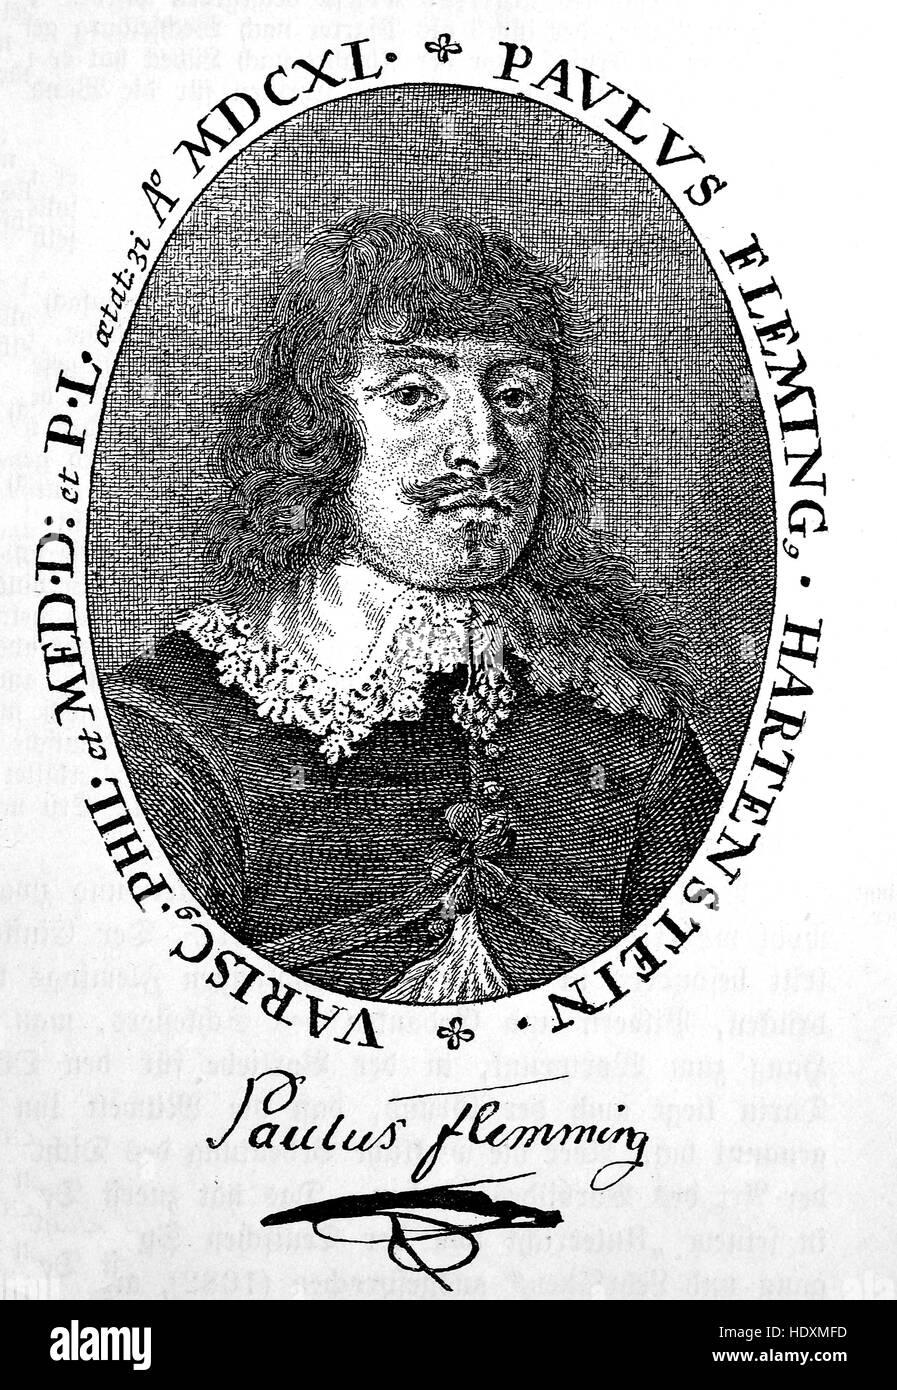 Paul Fleming, également l'épeautre Flemming, 1609-1640, un médecin allemand et poète, gravure Photo Stock